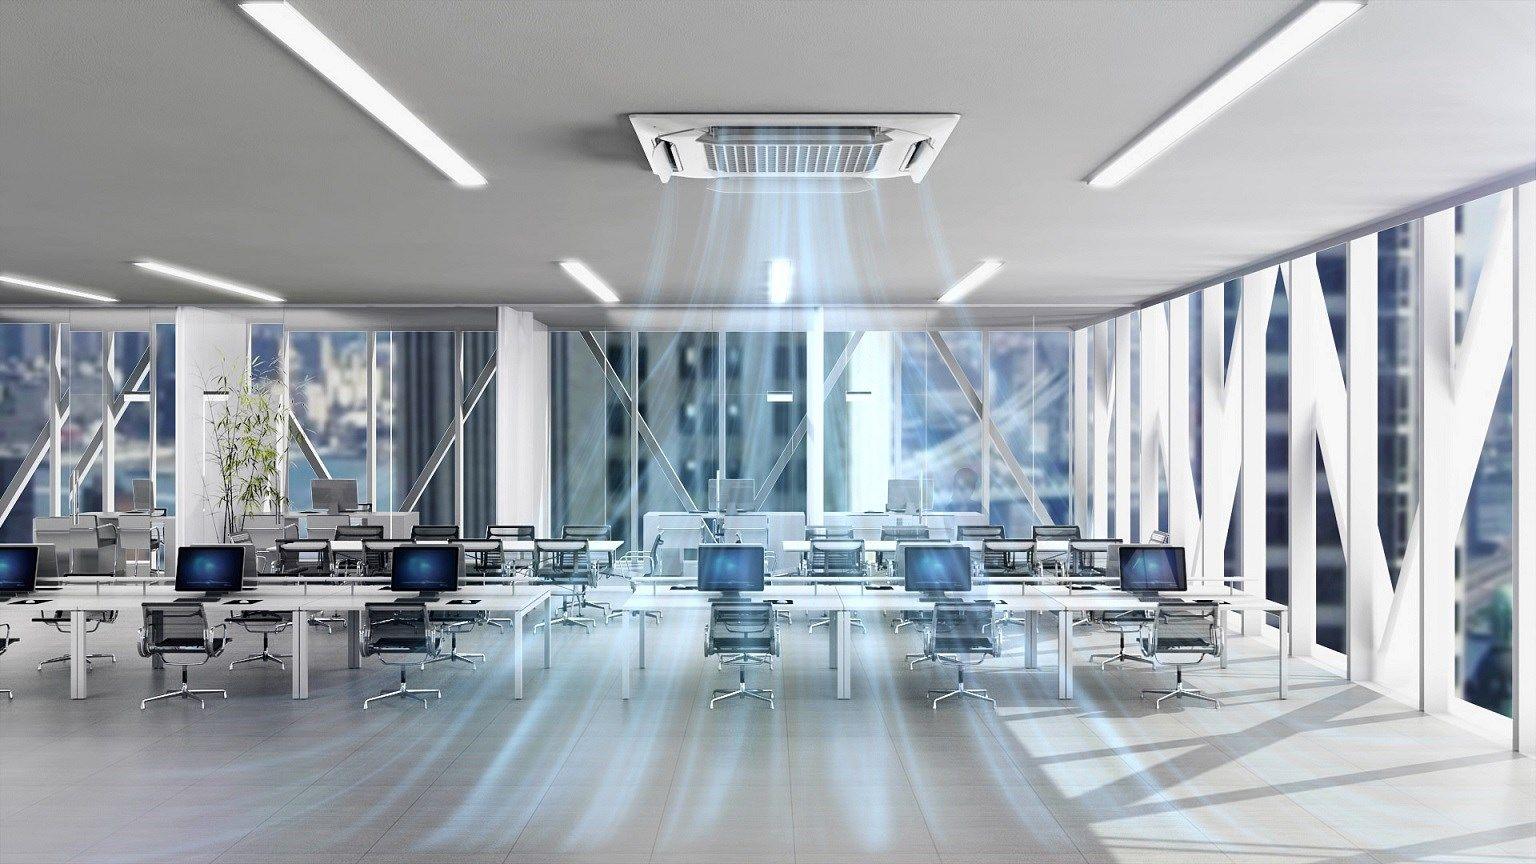 La tecnologia HVAC di LG ottiene certificazioni internazionali per la qualità dell'aria indoor